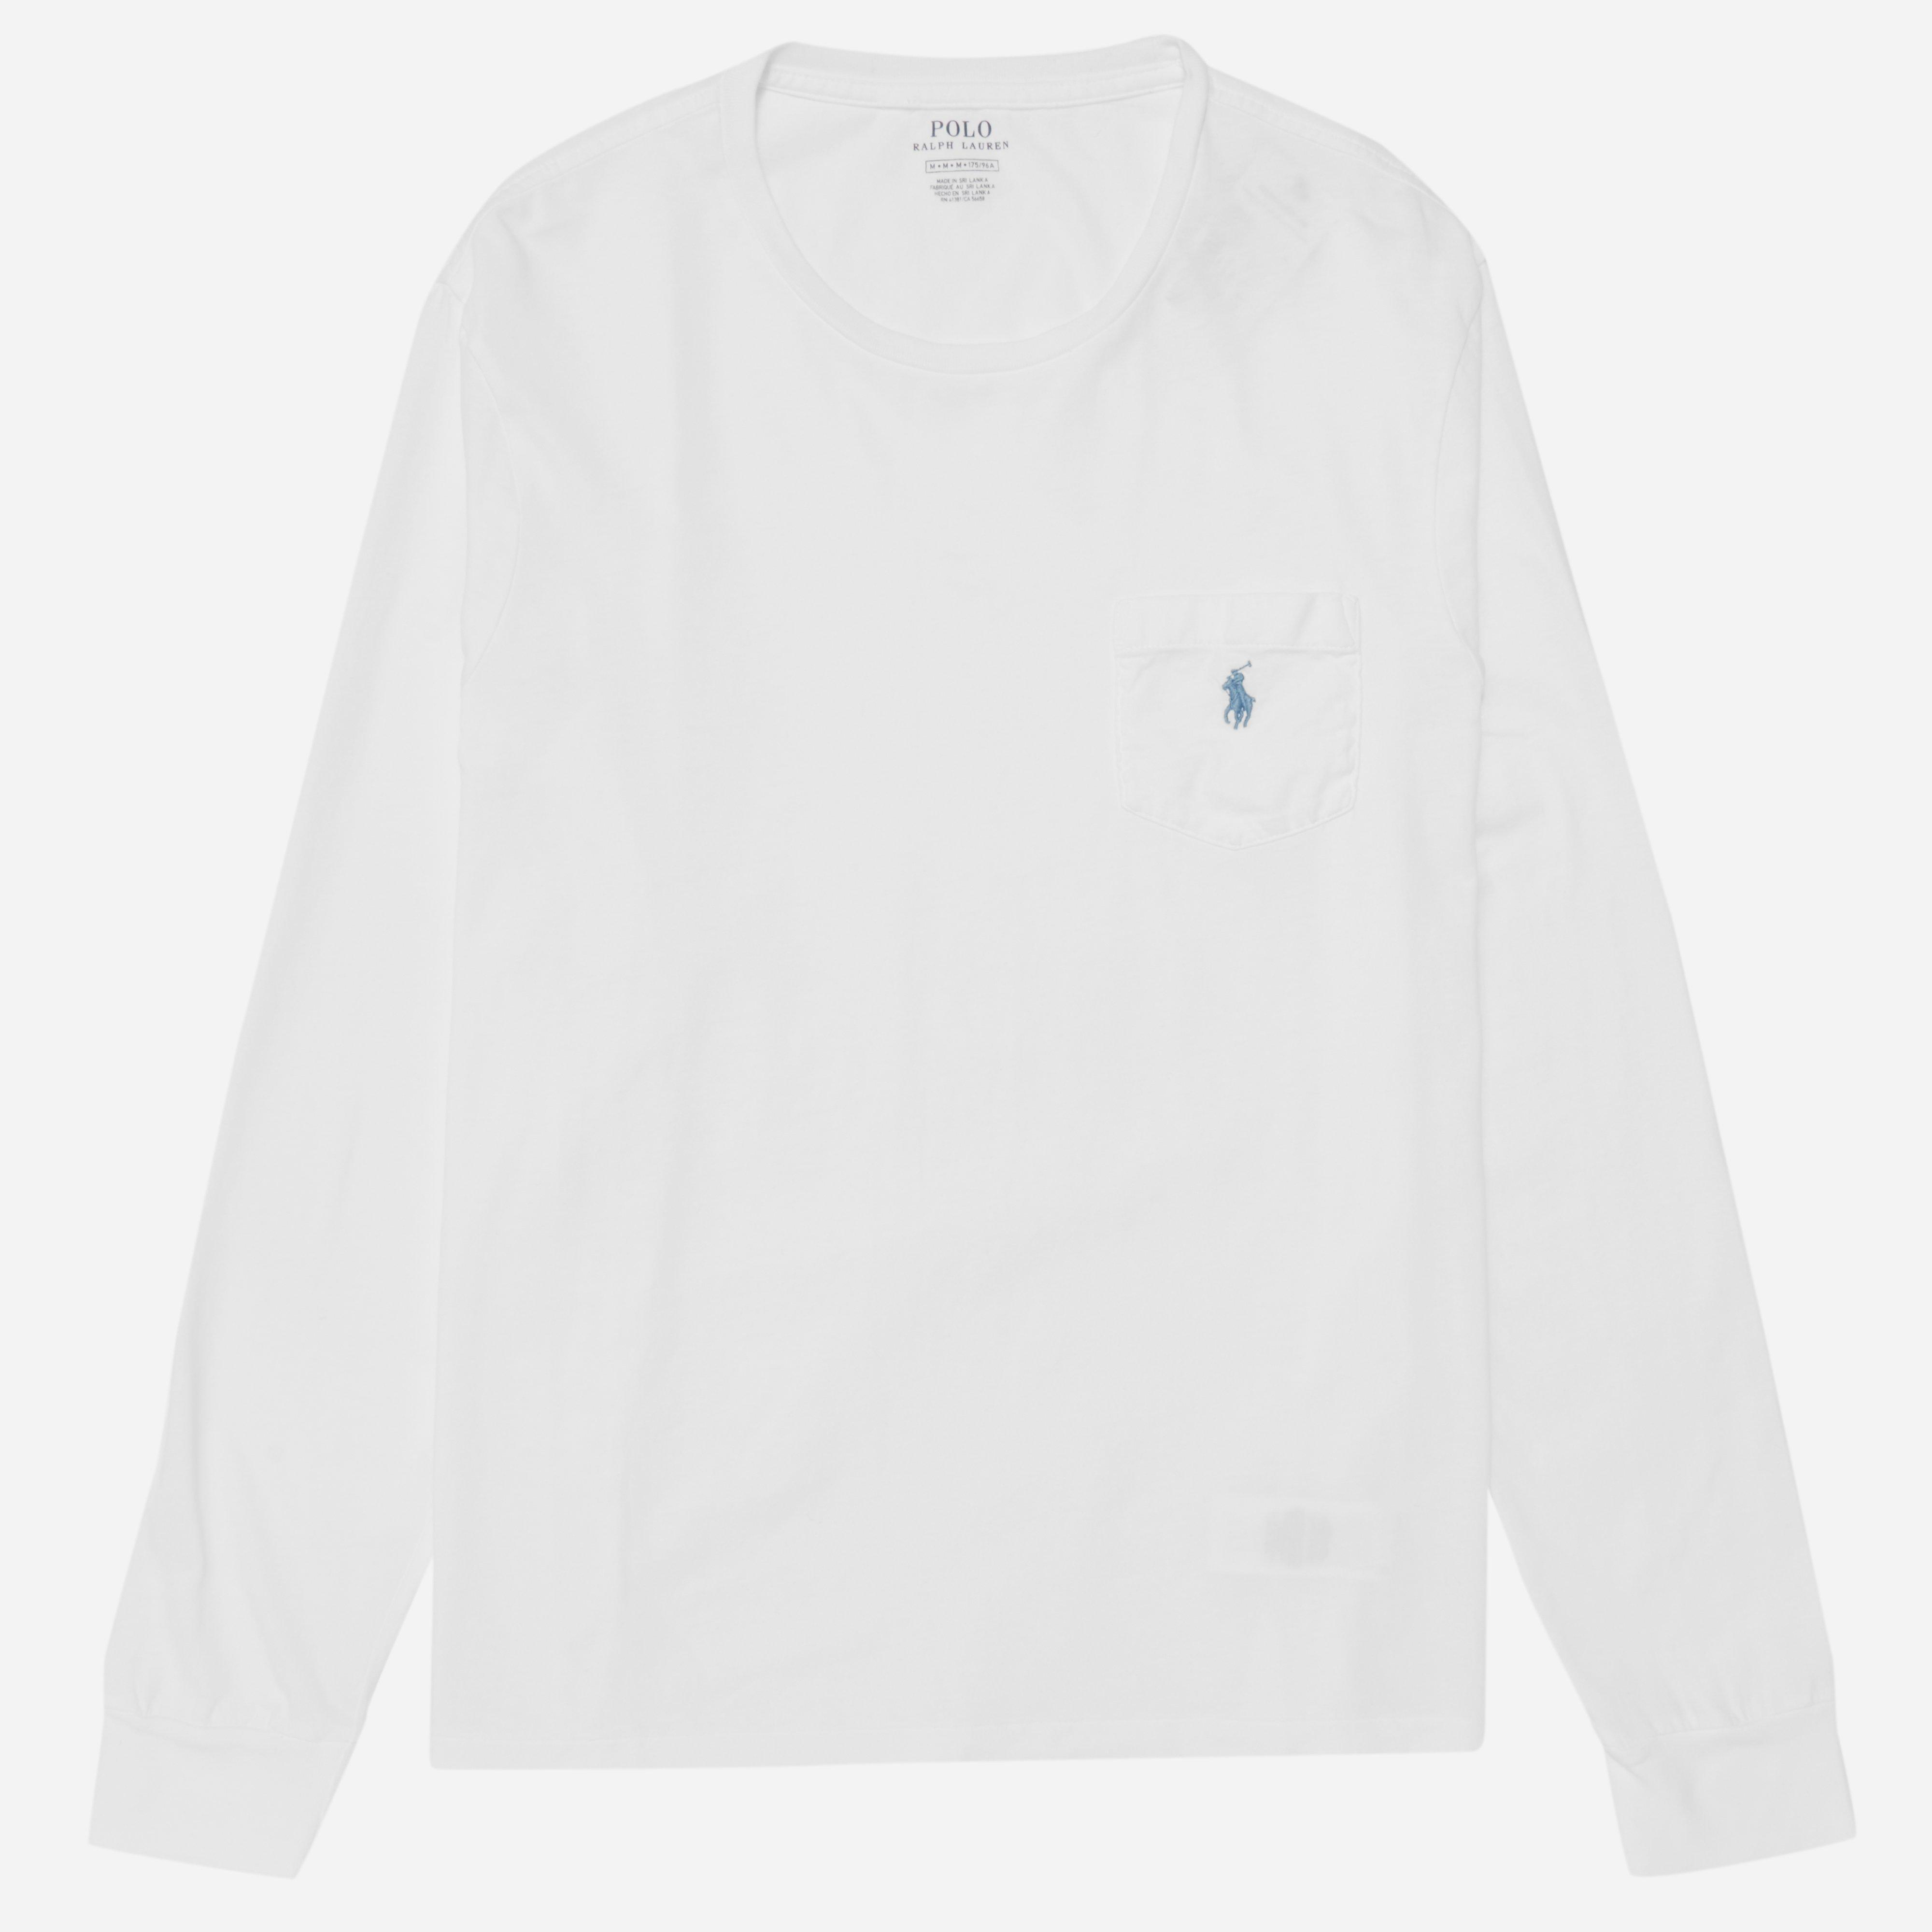 Polo Ralph Lauren Long Sleeve Jersey T-shirt